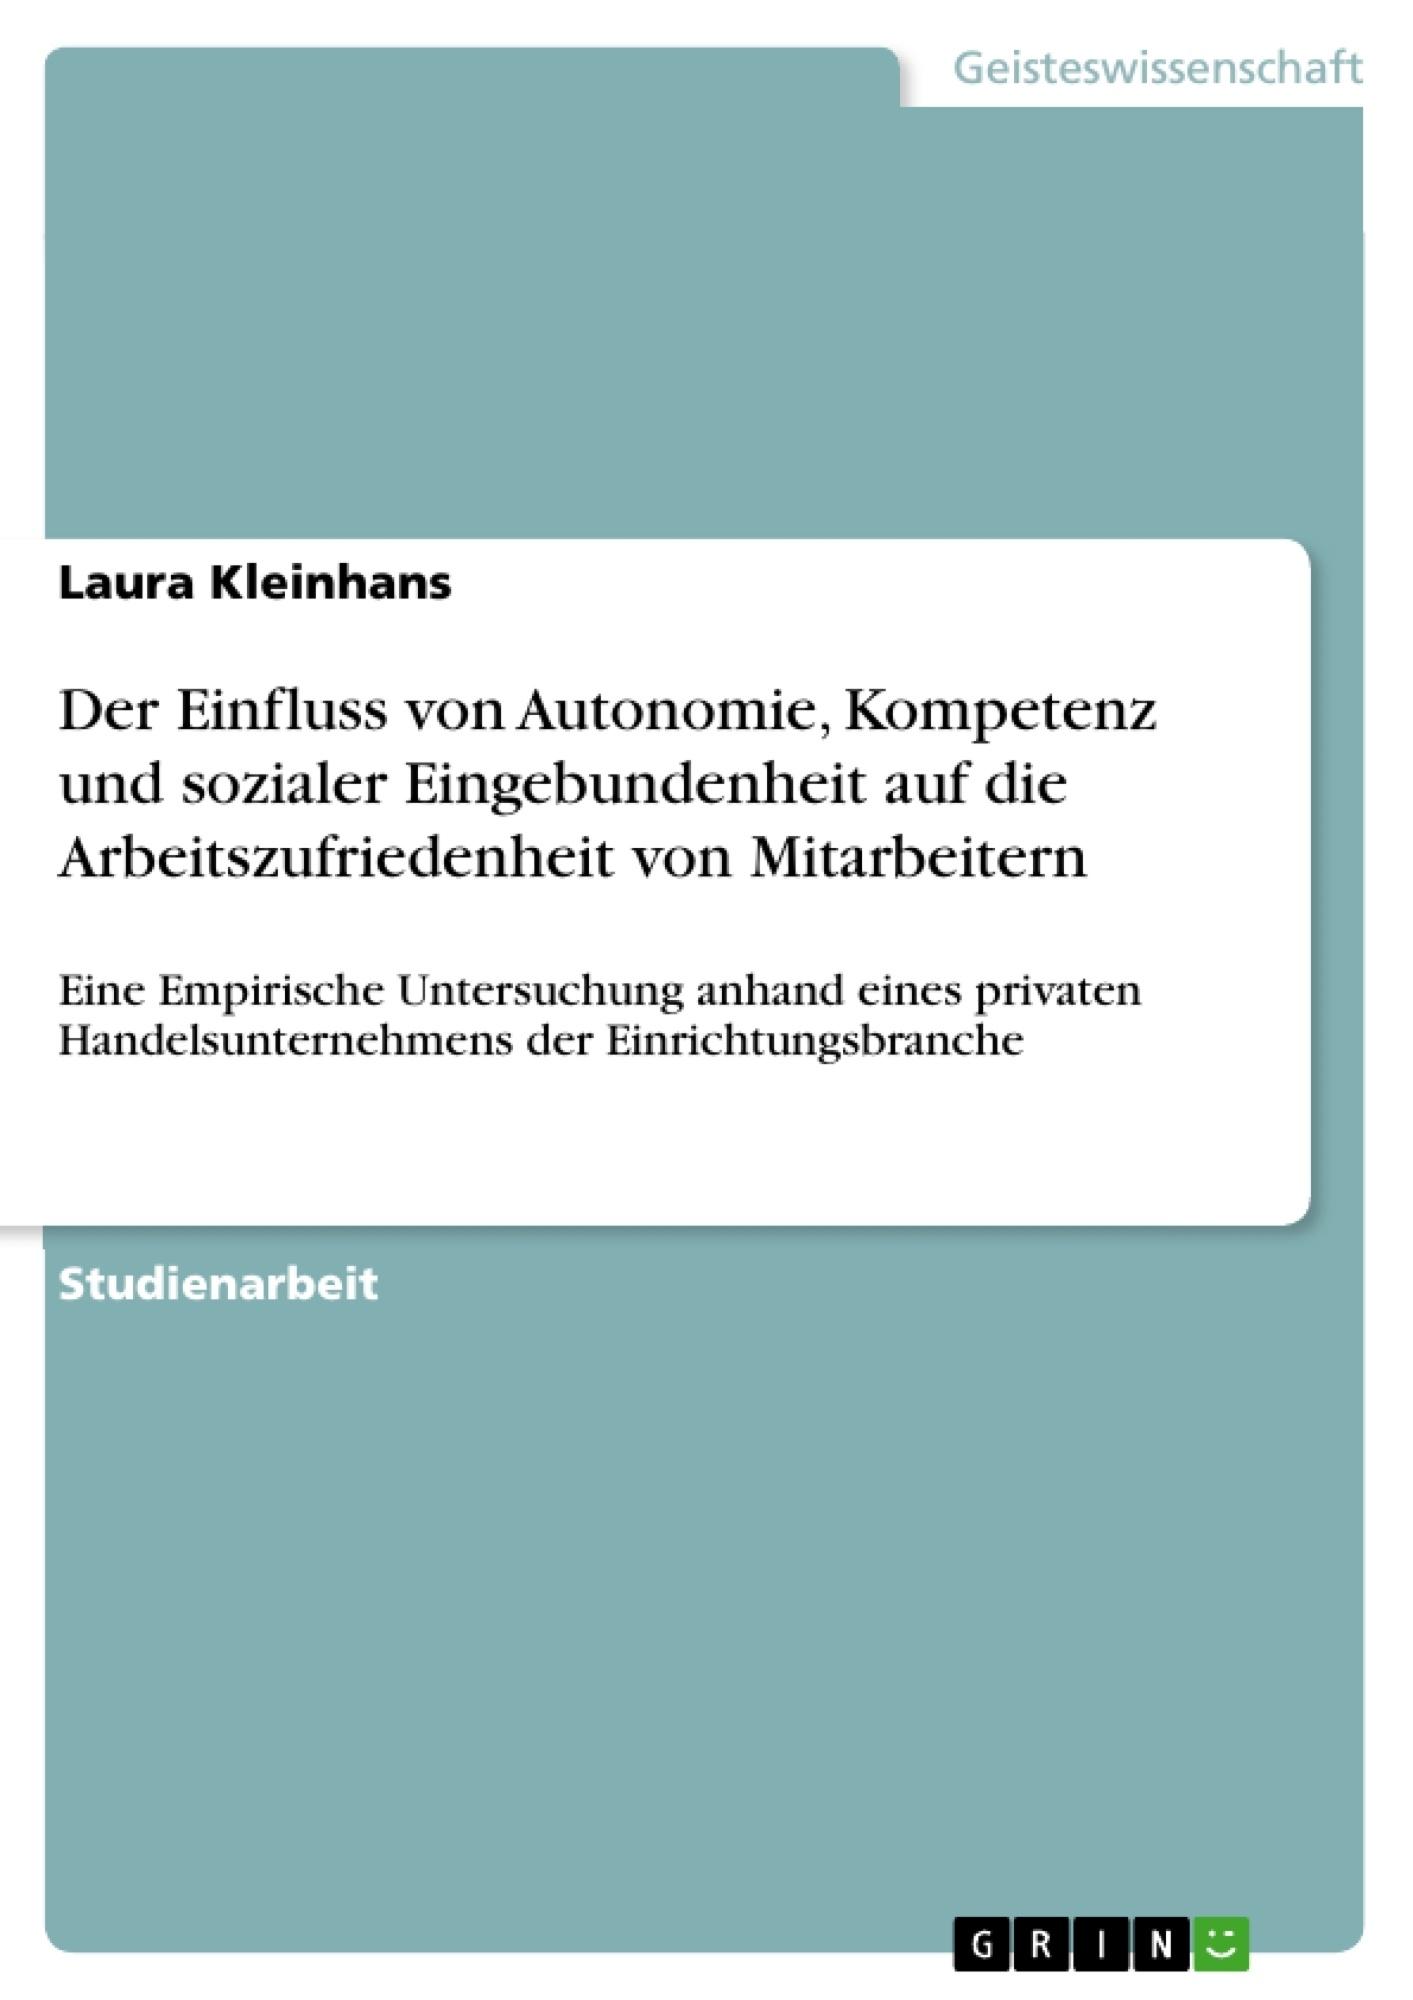 Titel: Der Einfluss von Autonomie, Kompetenz und sozialer Eingebundenheit auf die Arbeitszufriedenheit von Mitarbeitern